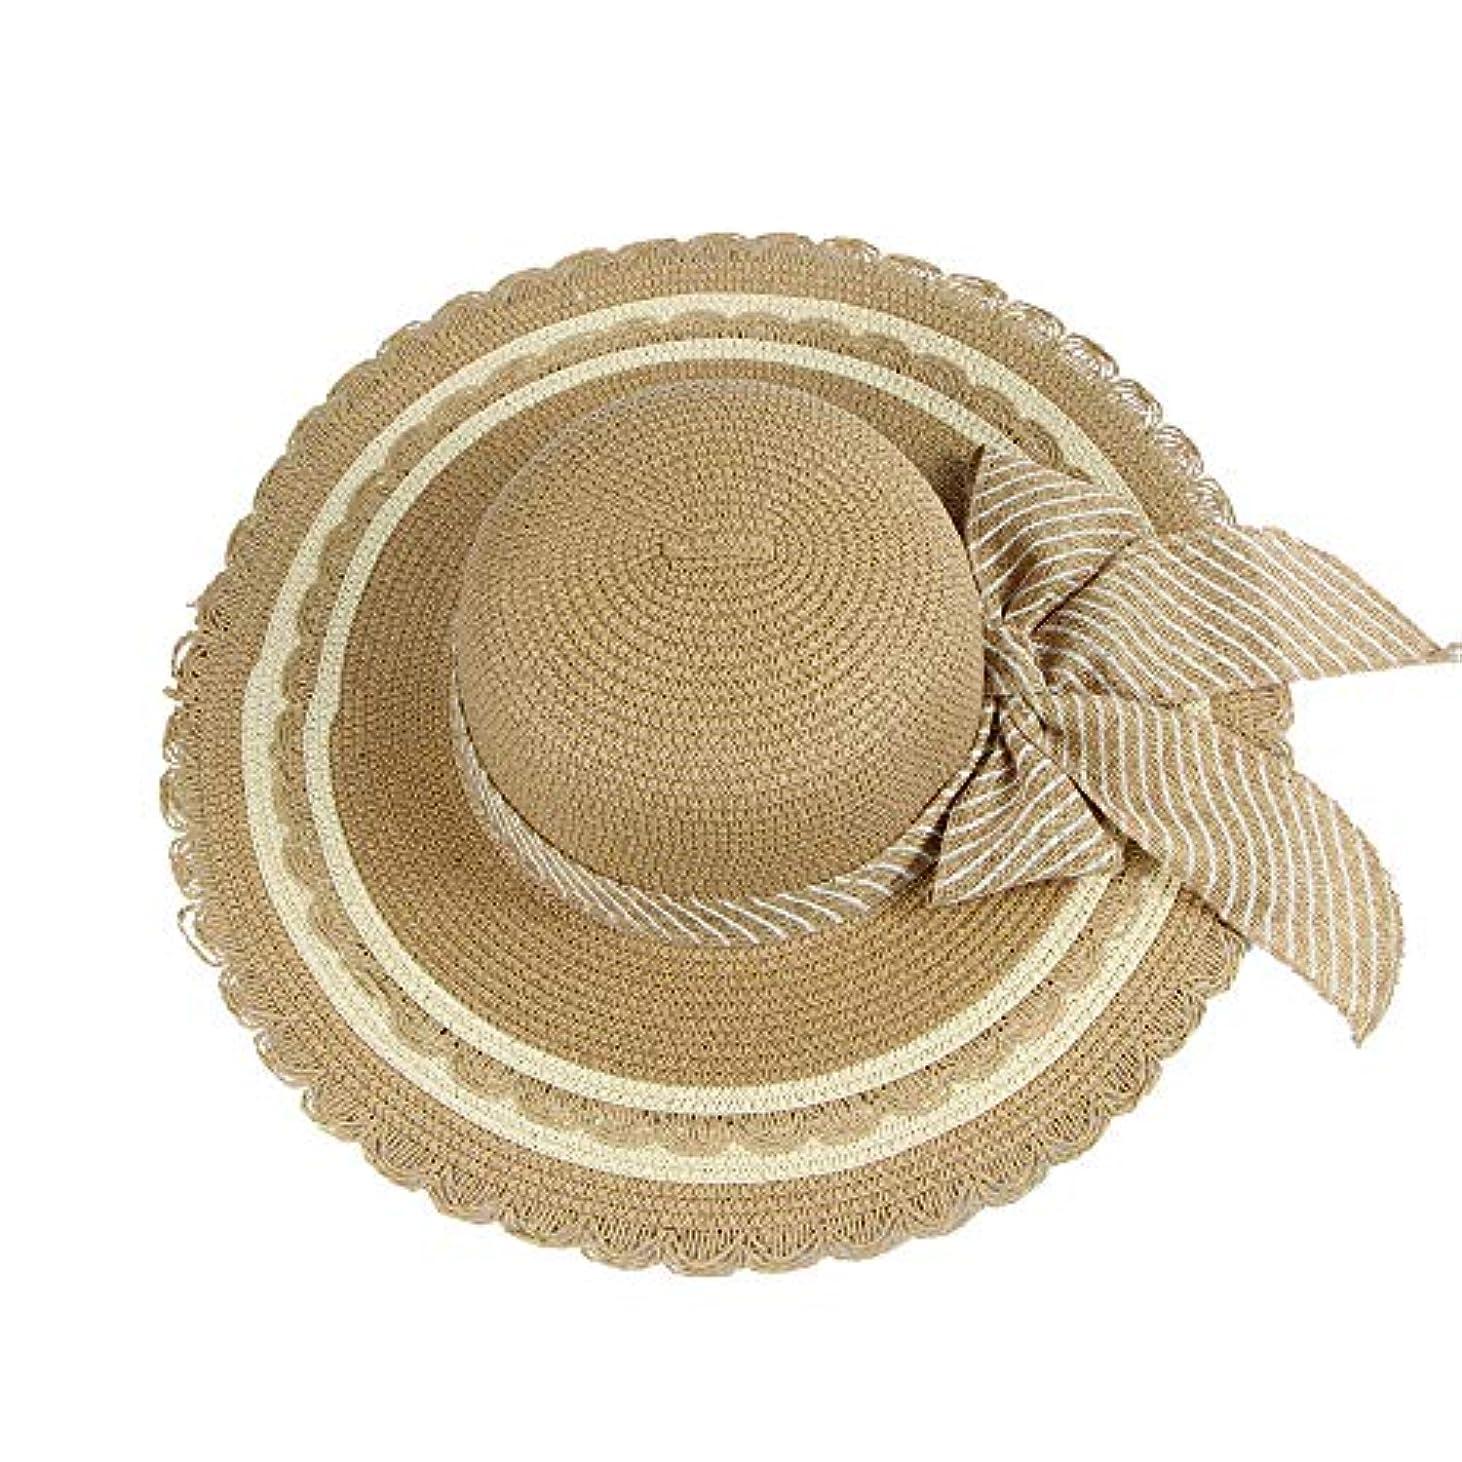 思いつく恵み帽子 レディース UVカット 帽子 麦わら帽子 UV帽子 紫外線対策 折りたたみ つば広 ワイヤ入り uvカット帽子 春夏 レディース 通気性 ニット帽 マニュアル キャップ レディース 大きいサイズ ROSE ROMAN